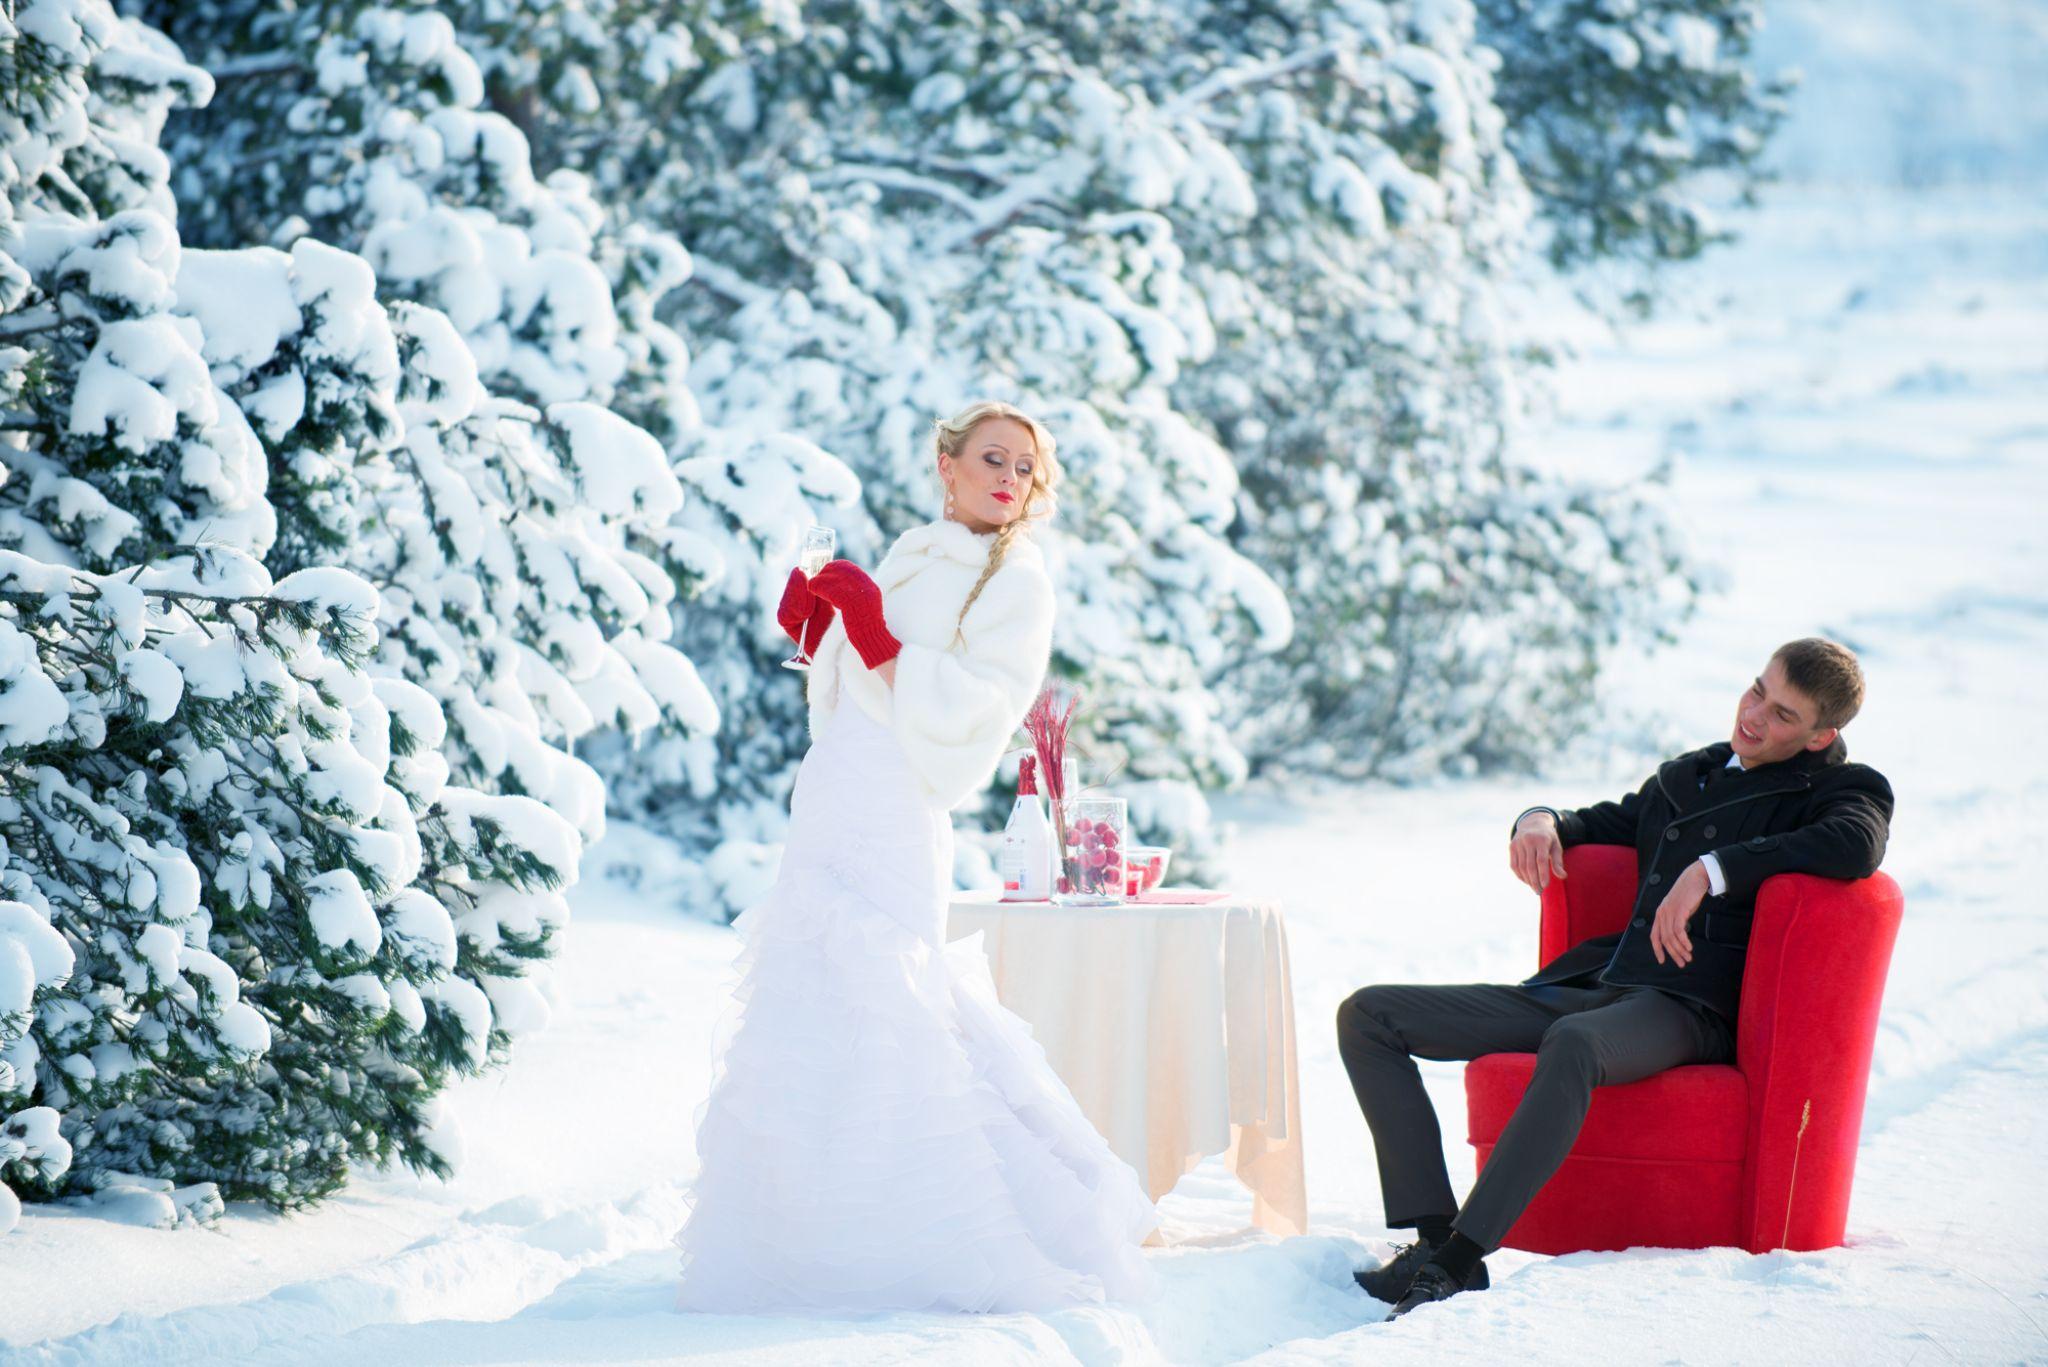 winter madness by adomas.tirksliunas